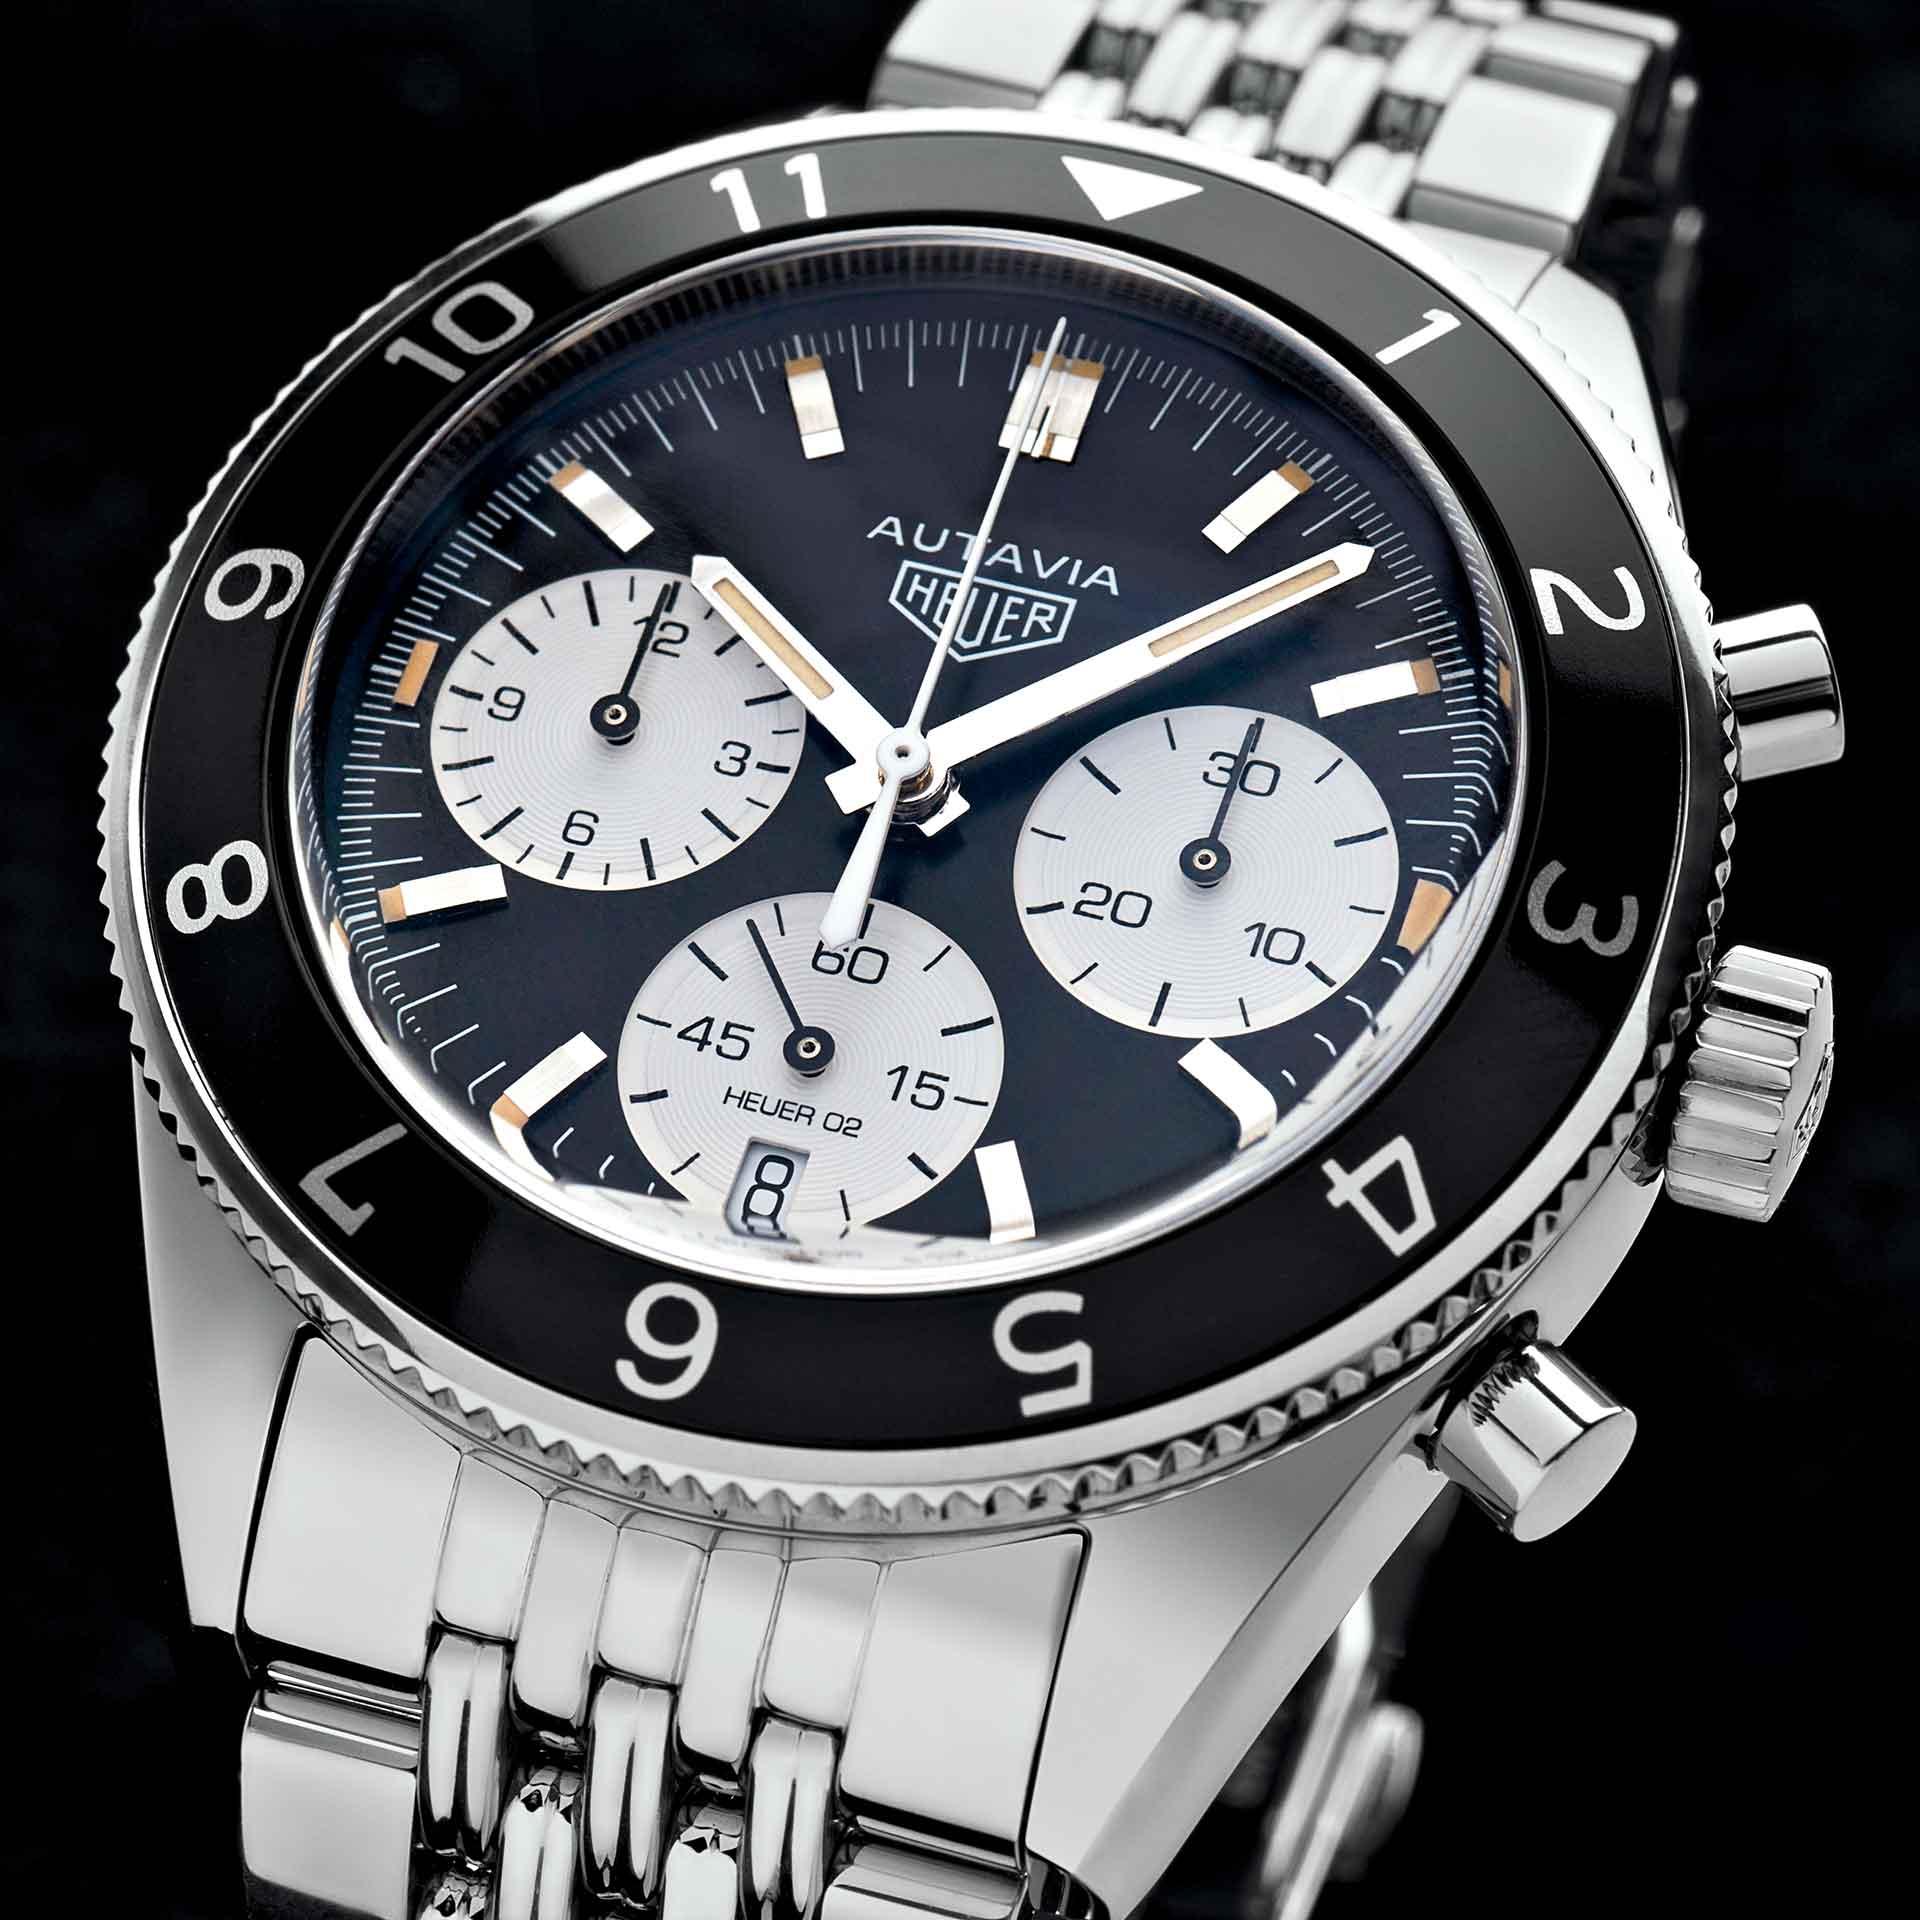 Autavia von TAG Heuer: Das schwarze Zifferblatt mit den weißen Chronographenzählern geht auf eine Uhrenversion zurück, die 1966 als Referenz 2446 Mk. III entwickelt und von Formel-1-Weltmeister Jochen Rindt getragen wurde.